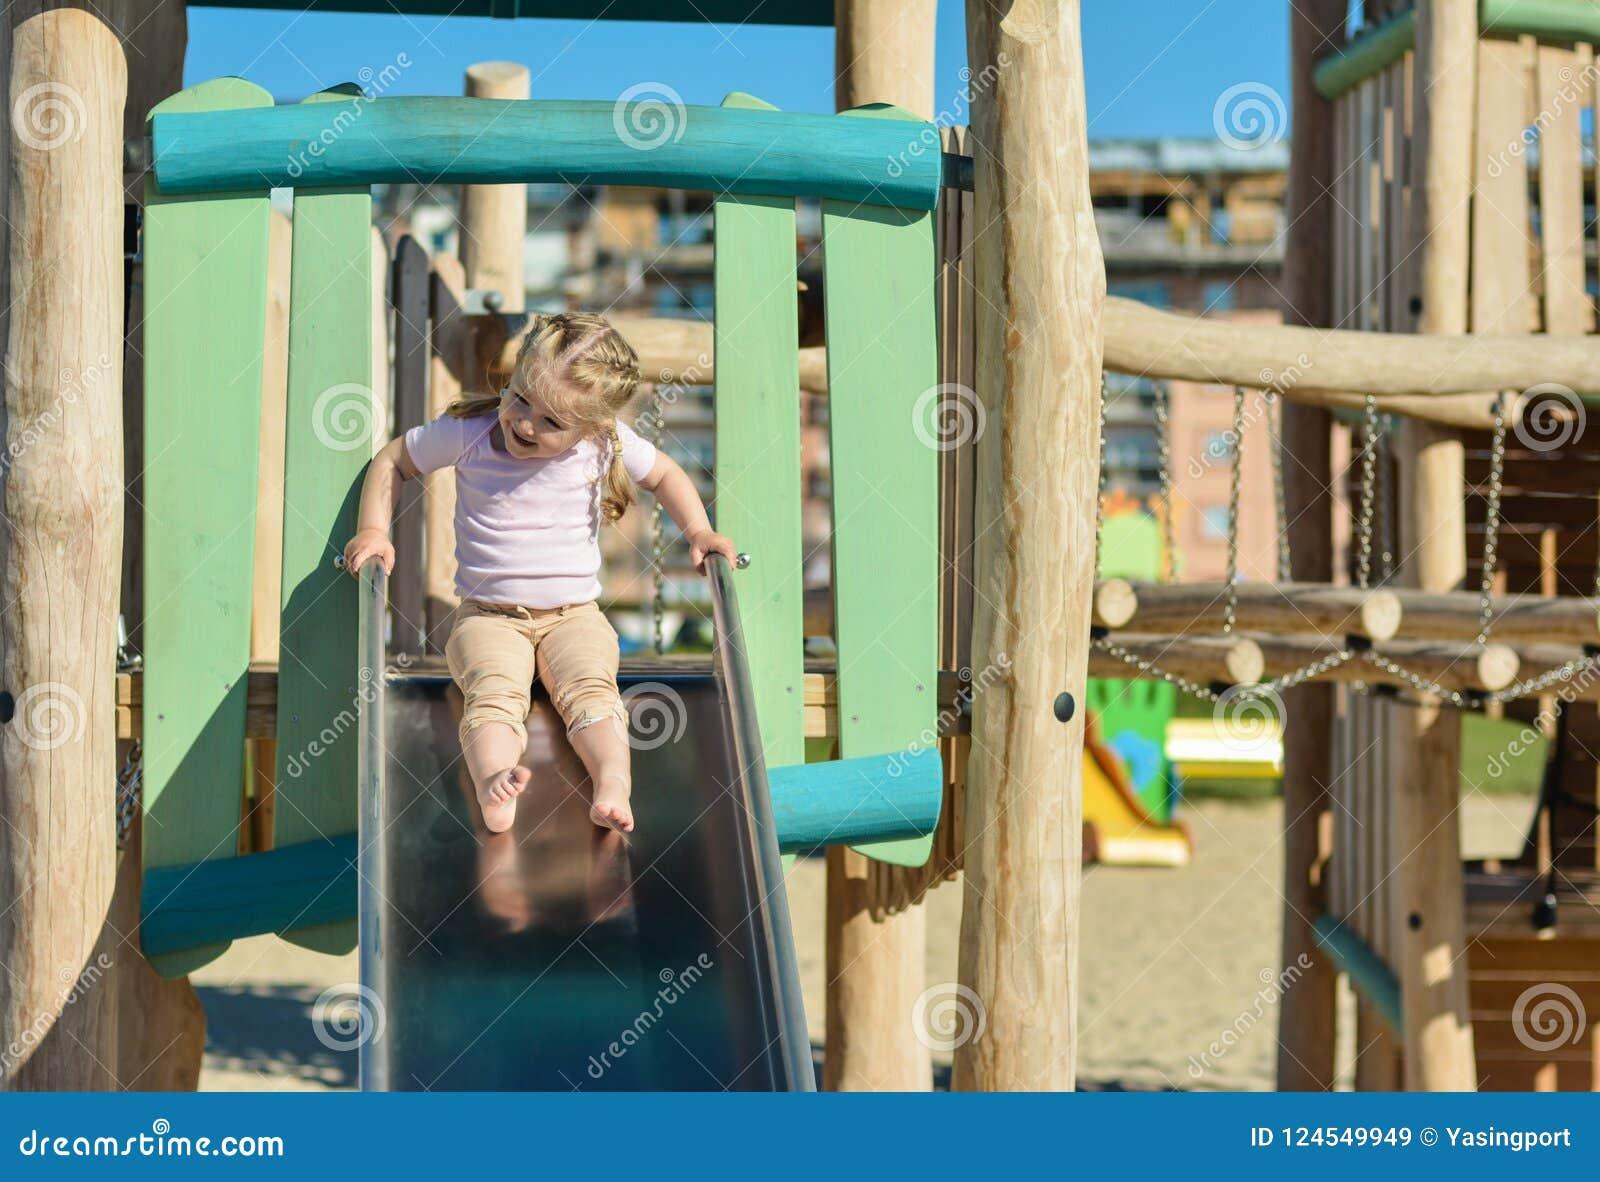 Meisje van 3 jaar het oude openlucht glijden